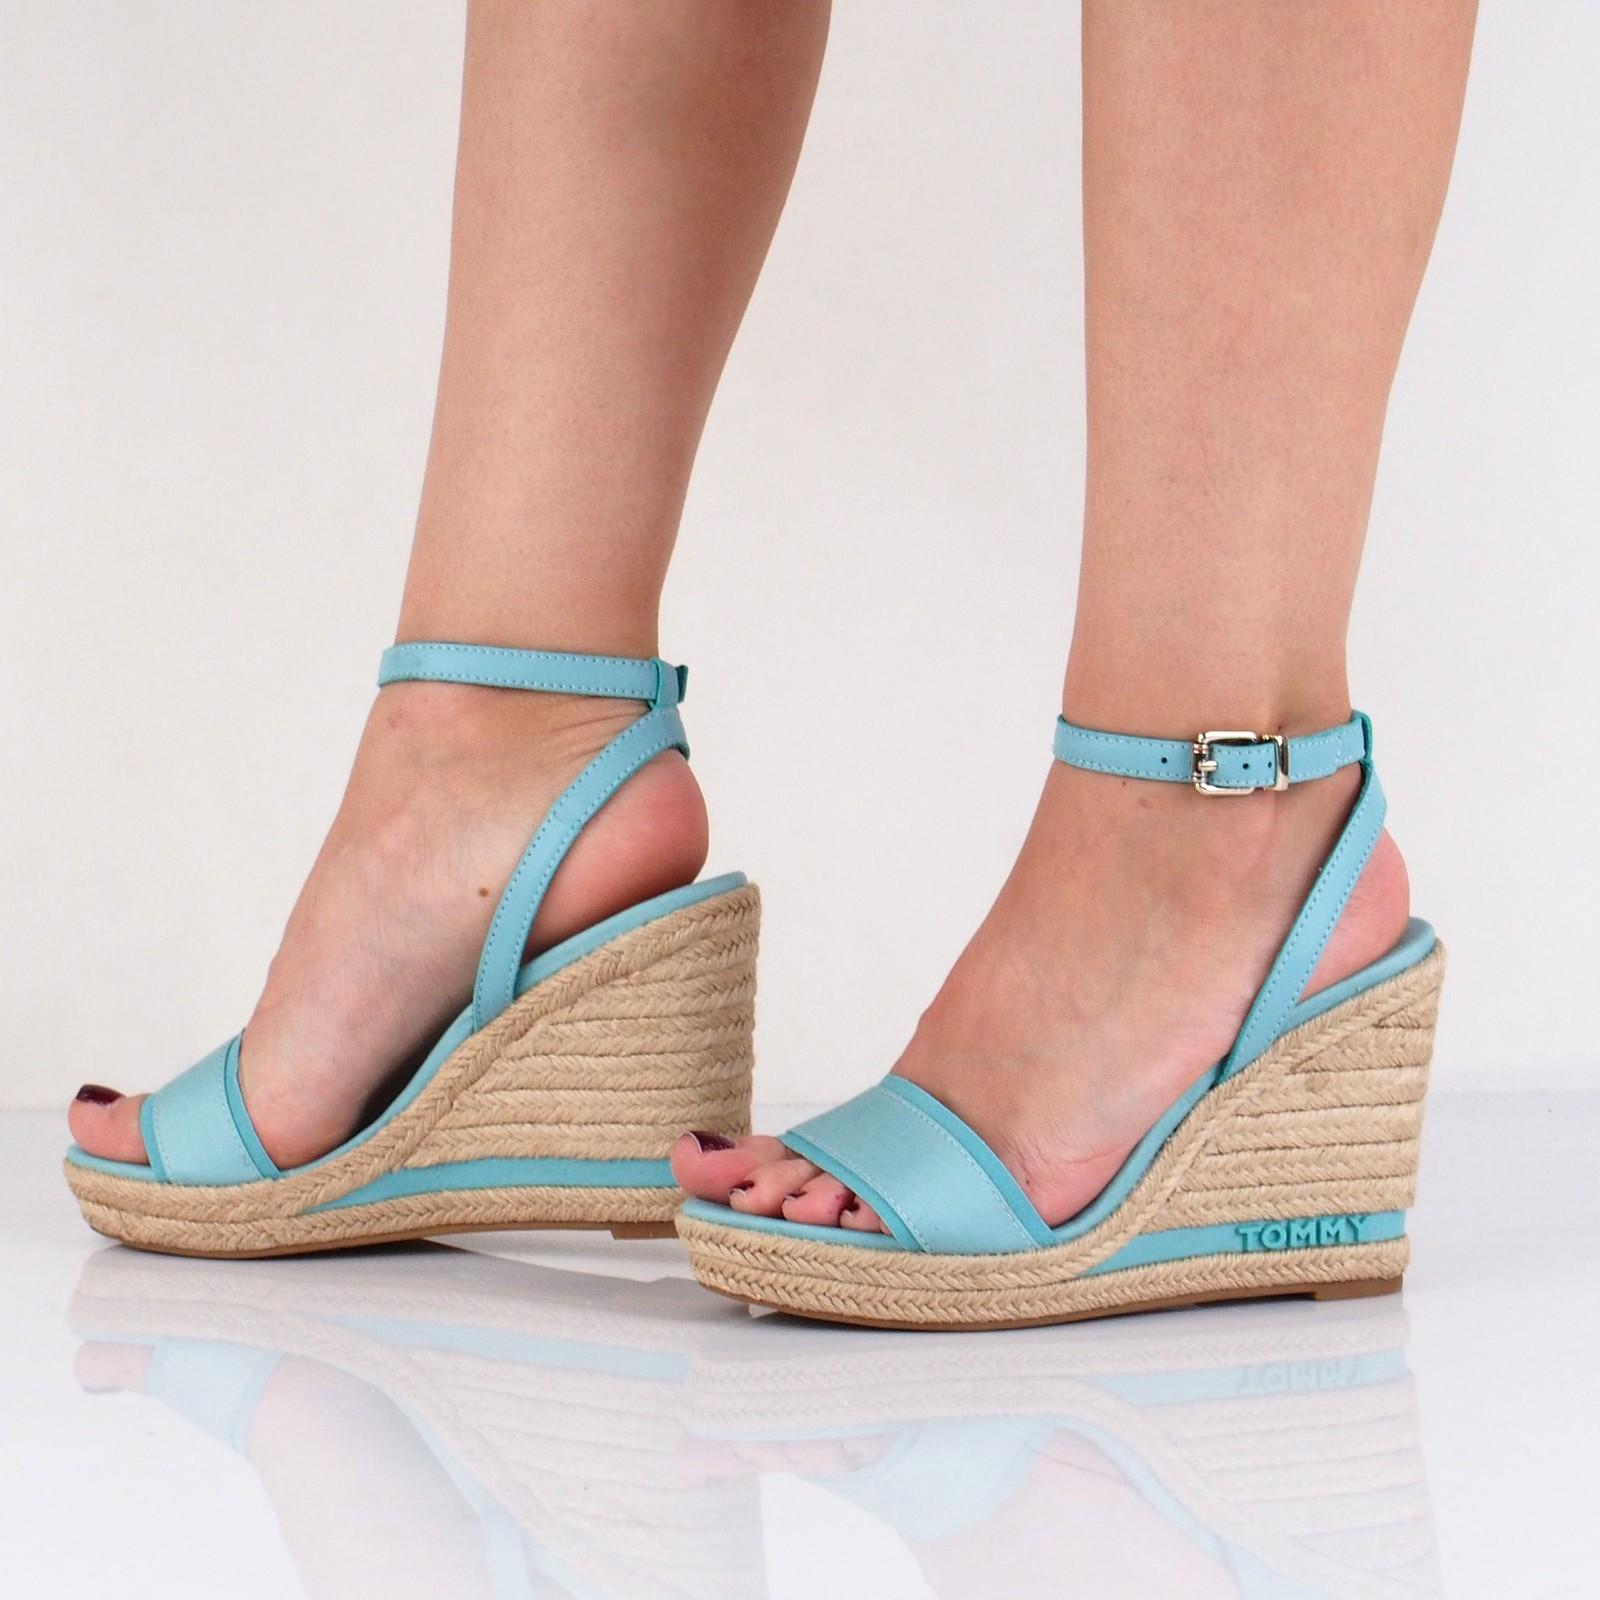 Tommy Hilfiger dámské stylové sandály na klinové podrážce - modré